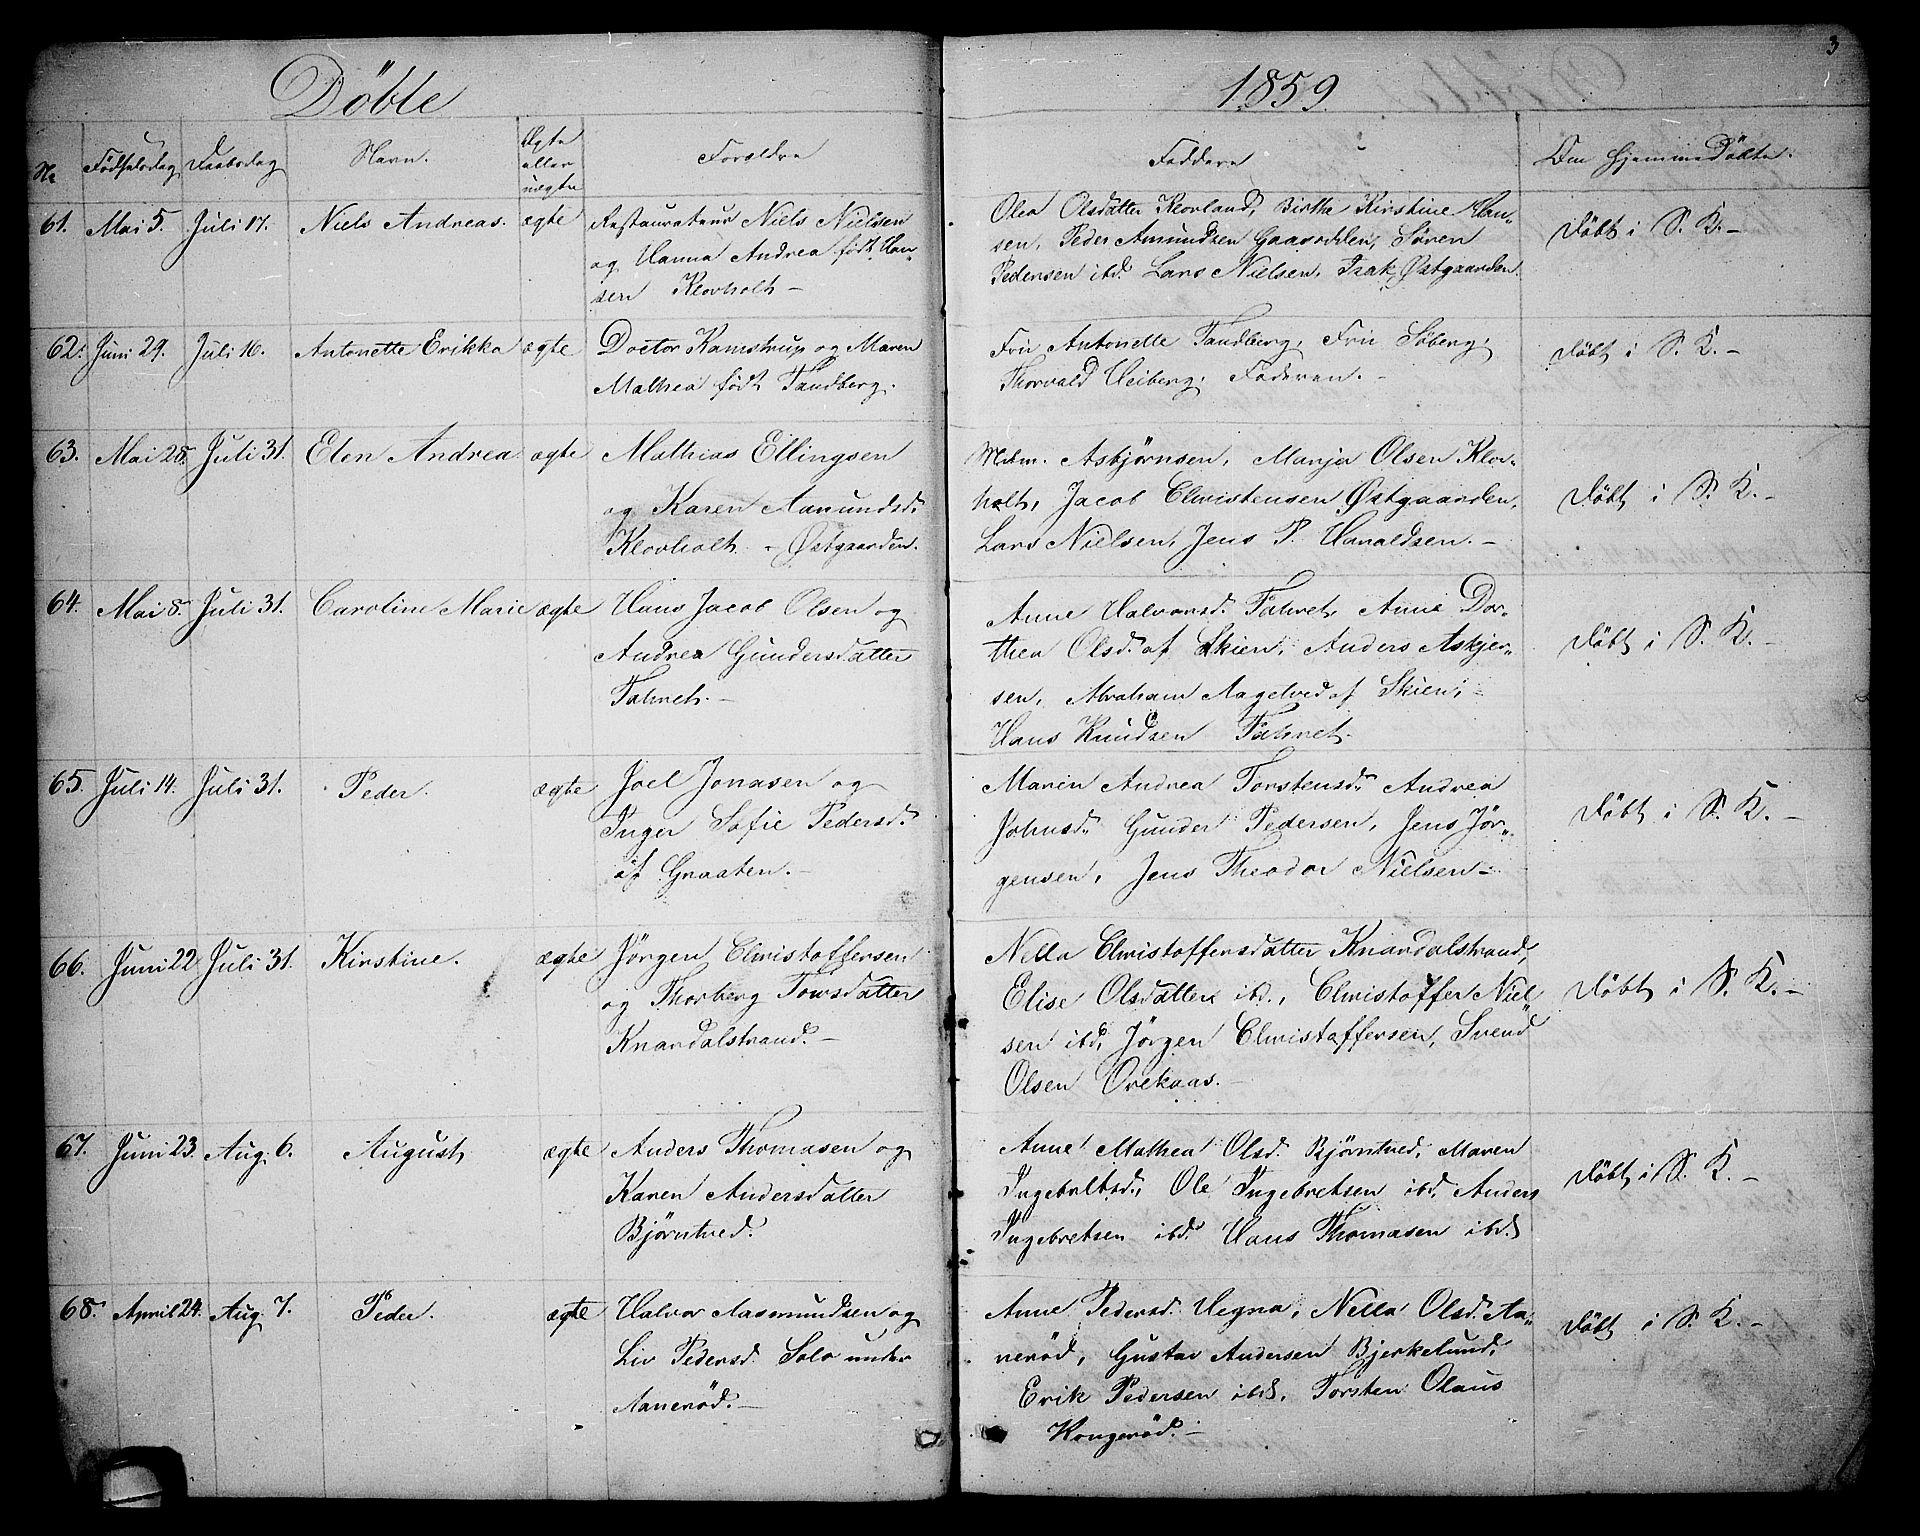 SAKO, Solum kirkebøker, G/Ga/L0004: Klokkerbok nr. I 4, 1859-1876, s. 3